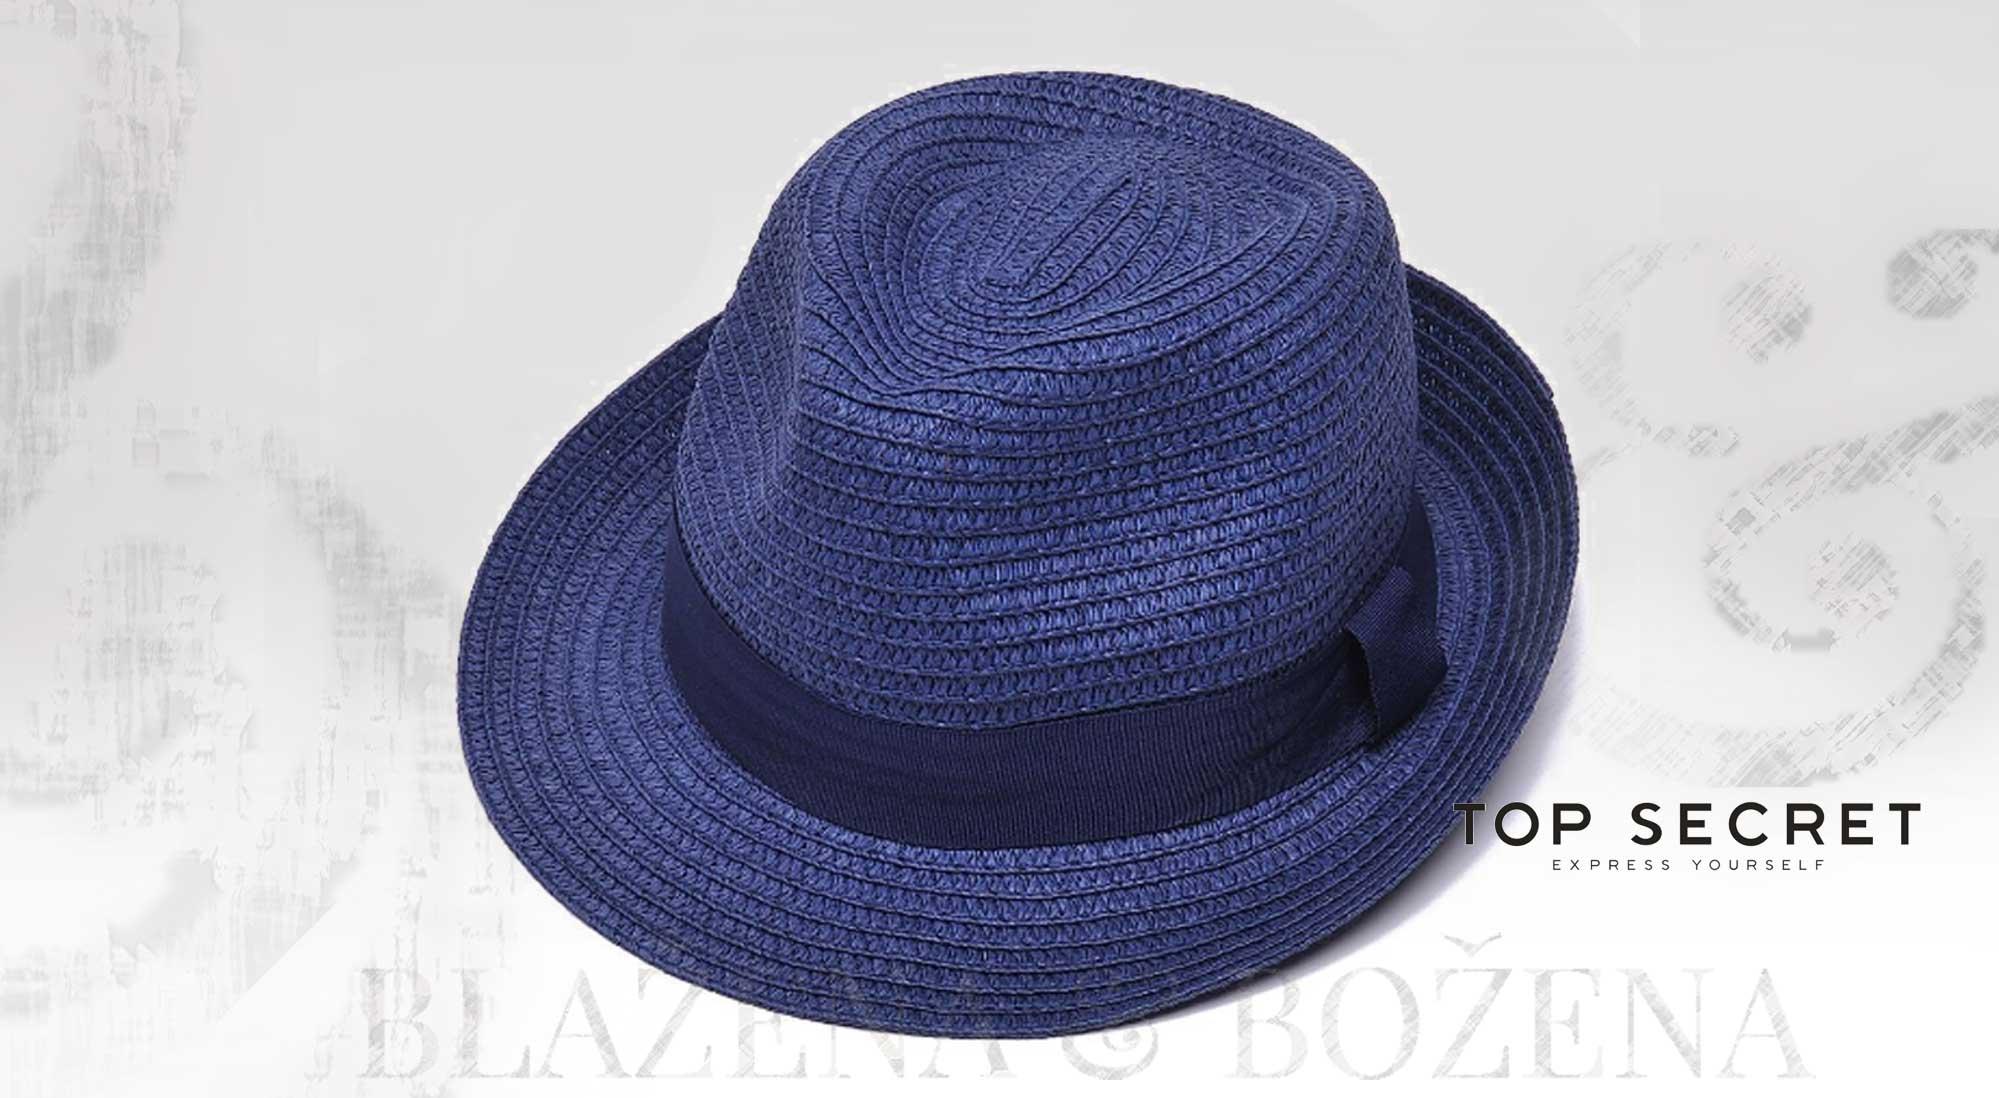 Blažena Božena. královny klobouků. Modrý slamák TOP SECRET 1186414700